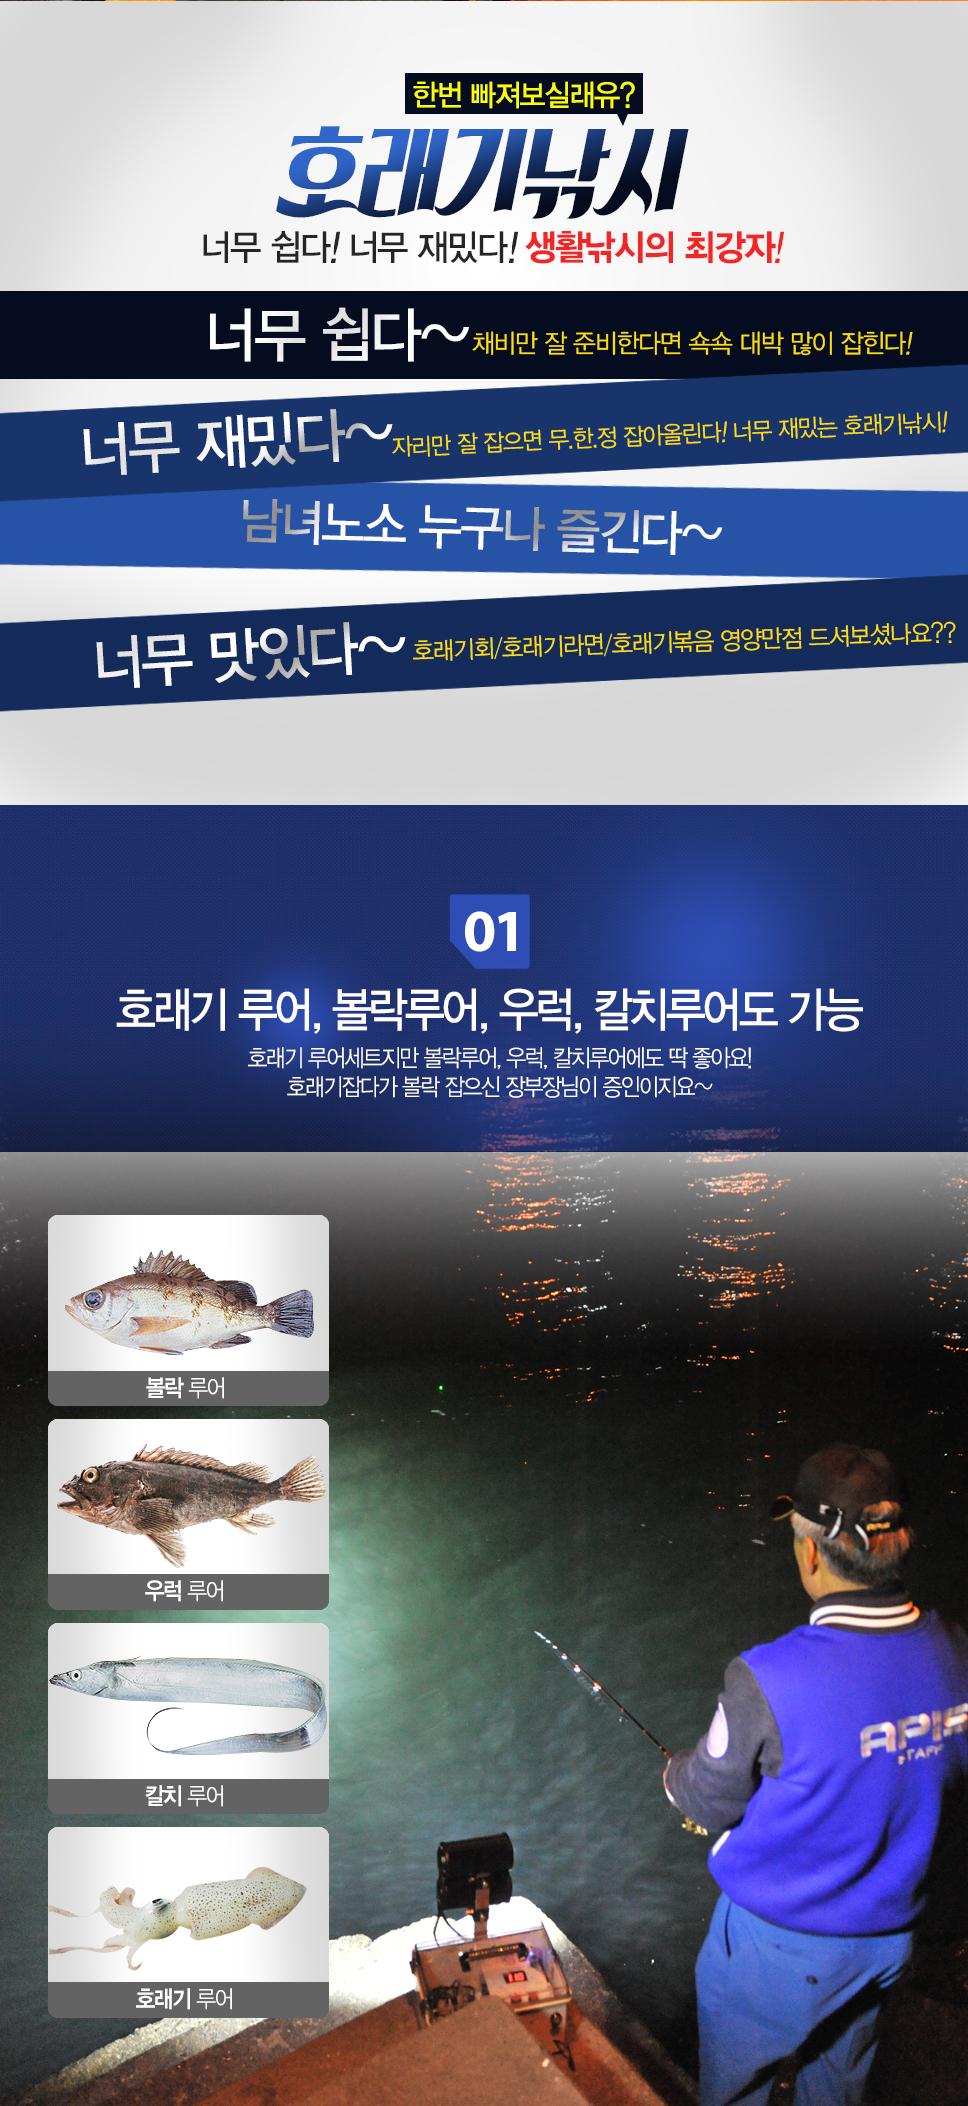 호래기 호래기루어 호래기낚시 볼락 볼락루어 세트 생활낚시 1탄 호래기 루어 세트